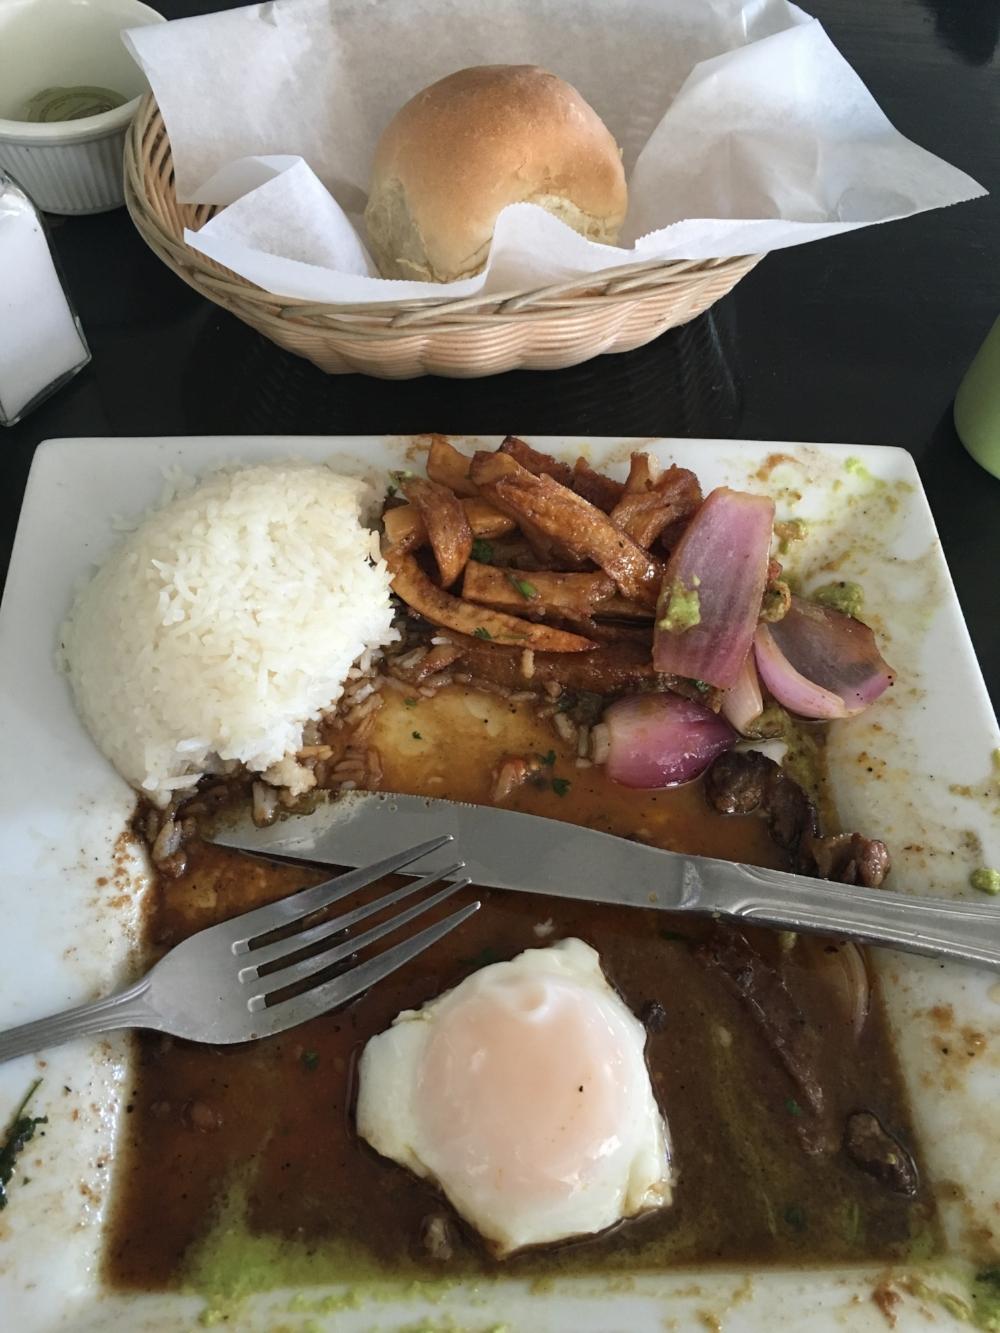 Lomo Saltado menos arroz, papas fritas, y pan.(The egg yolk was saved for last, my fav!)